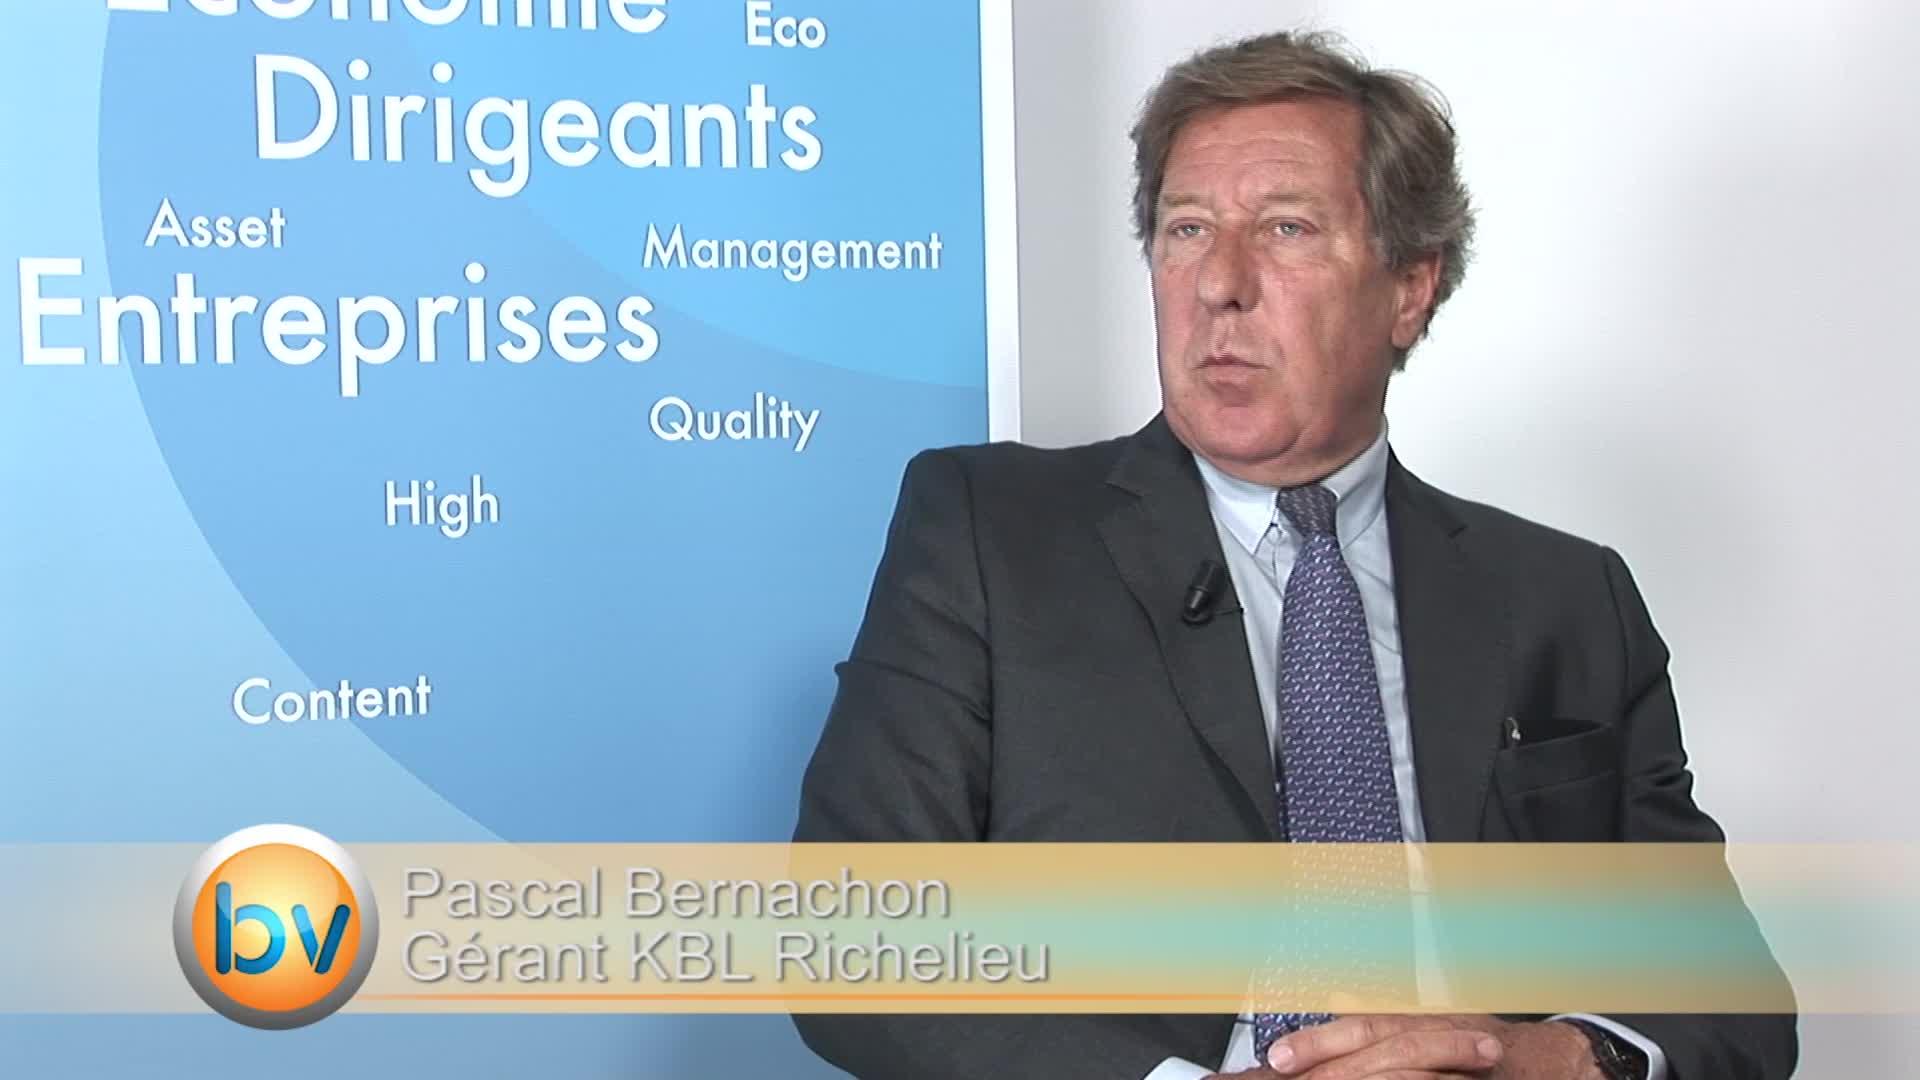 """Pascal Bernachon Gérant KBL Richelieu : """"Encore de la volatilité et des perturbations devant nous"""""""